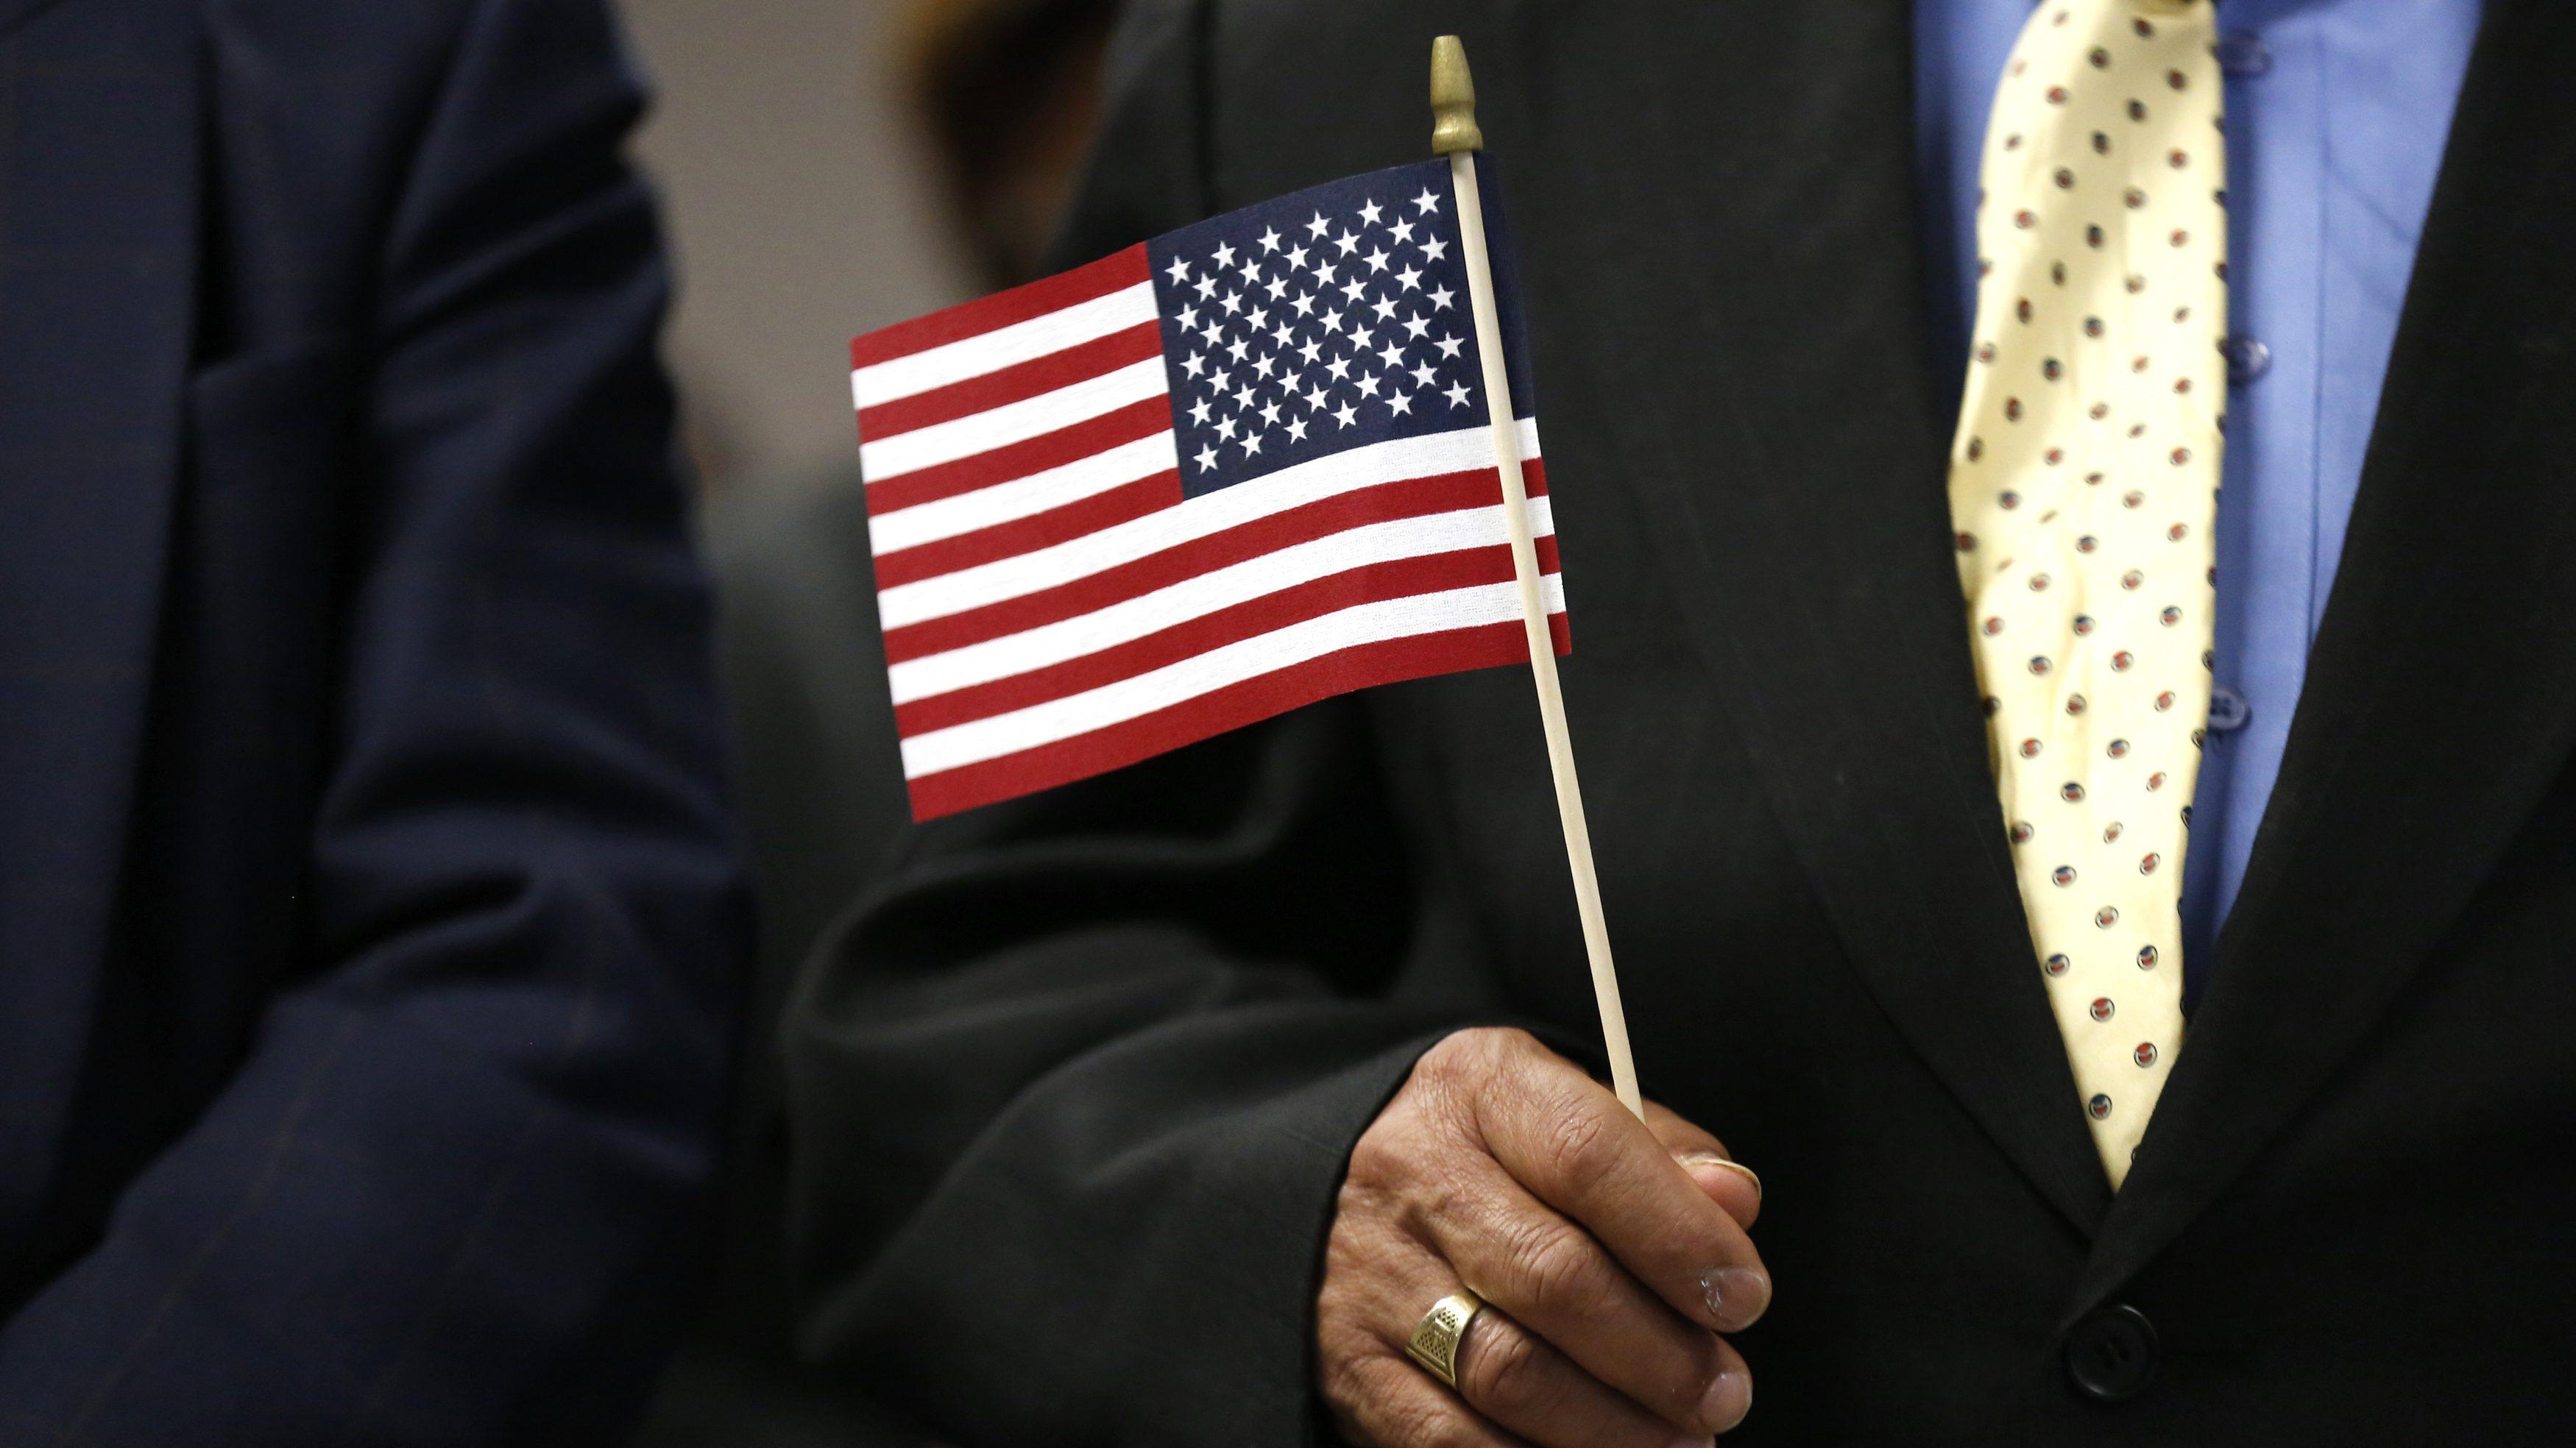 H-1B visas: Trump administration suspends premium processing